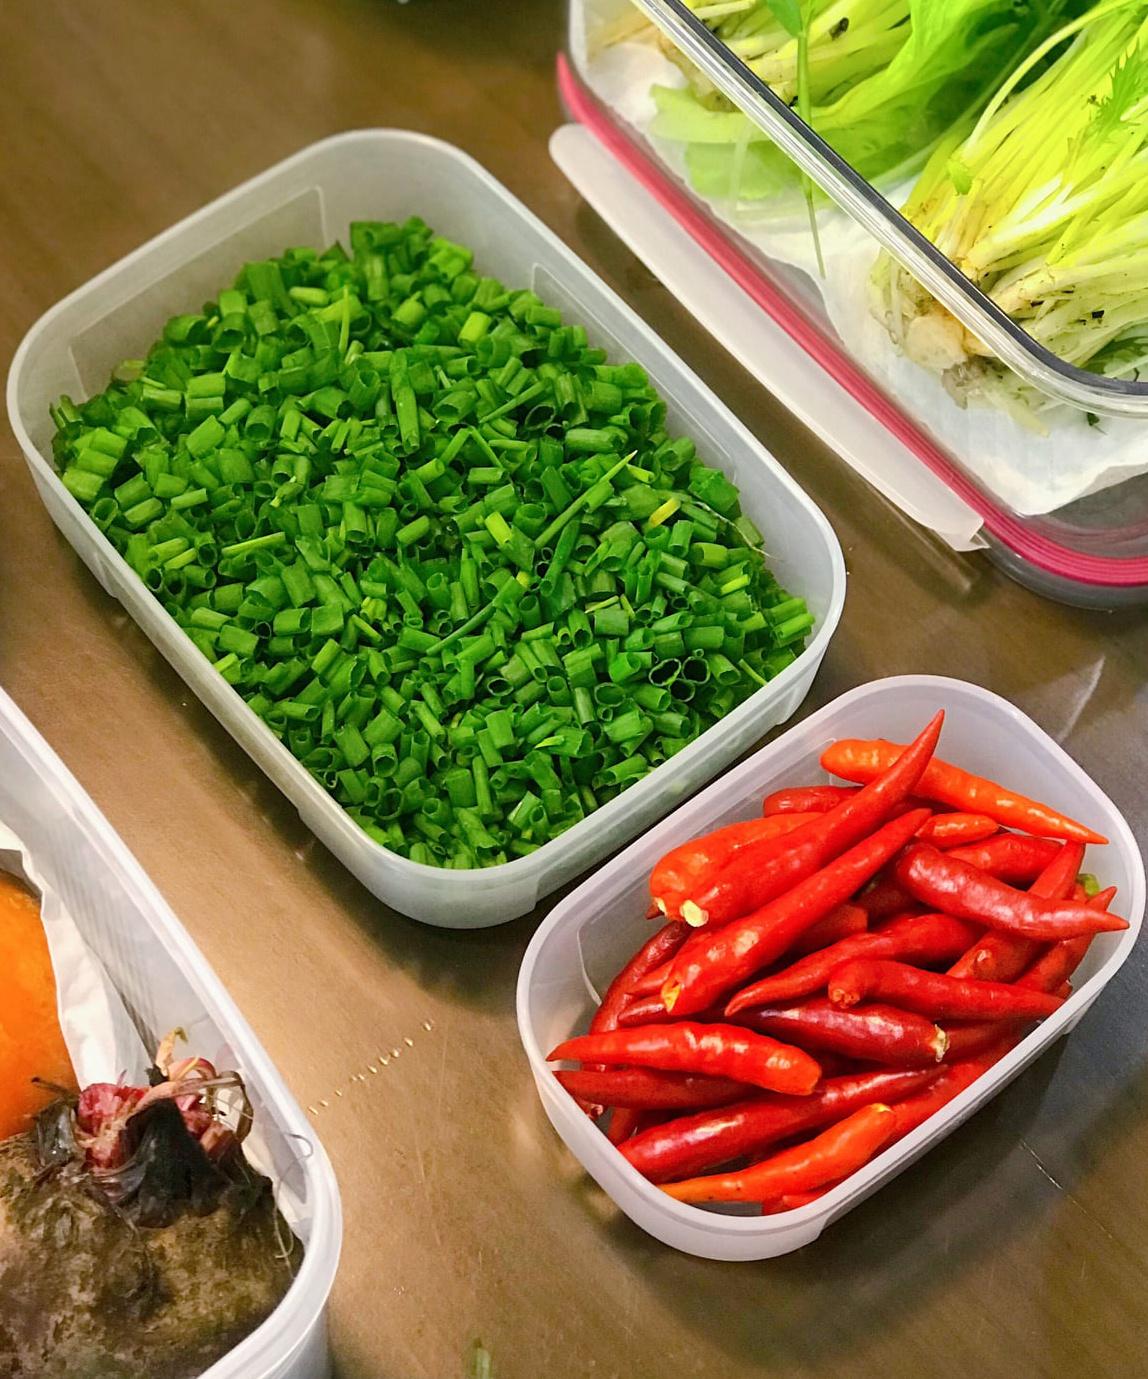 Mẹo bảo quản thực phẩm tươi ngon mùa dịch - ảnh 8